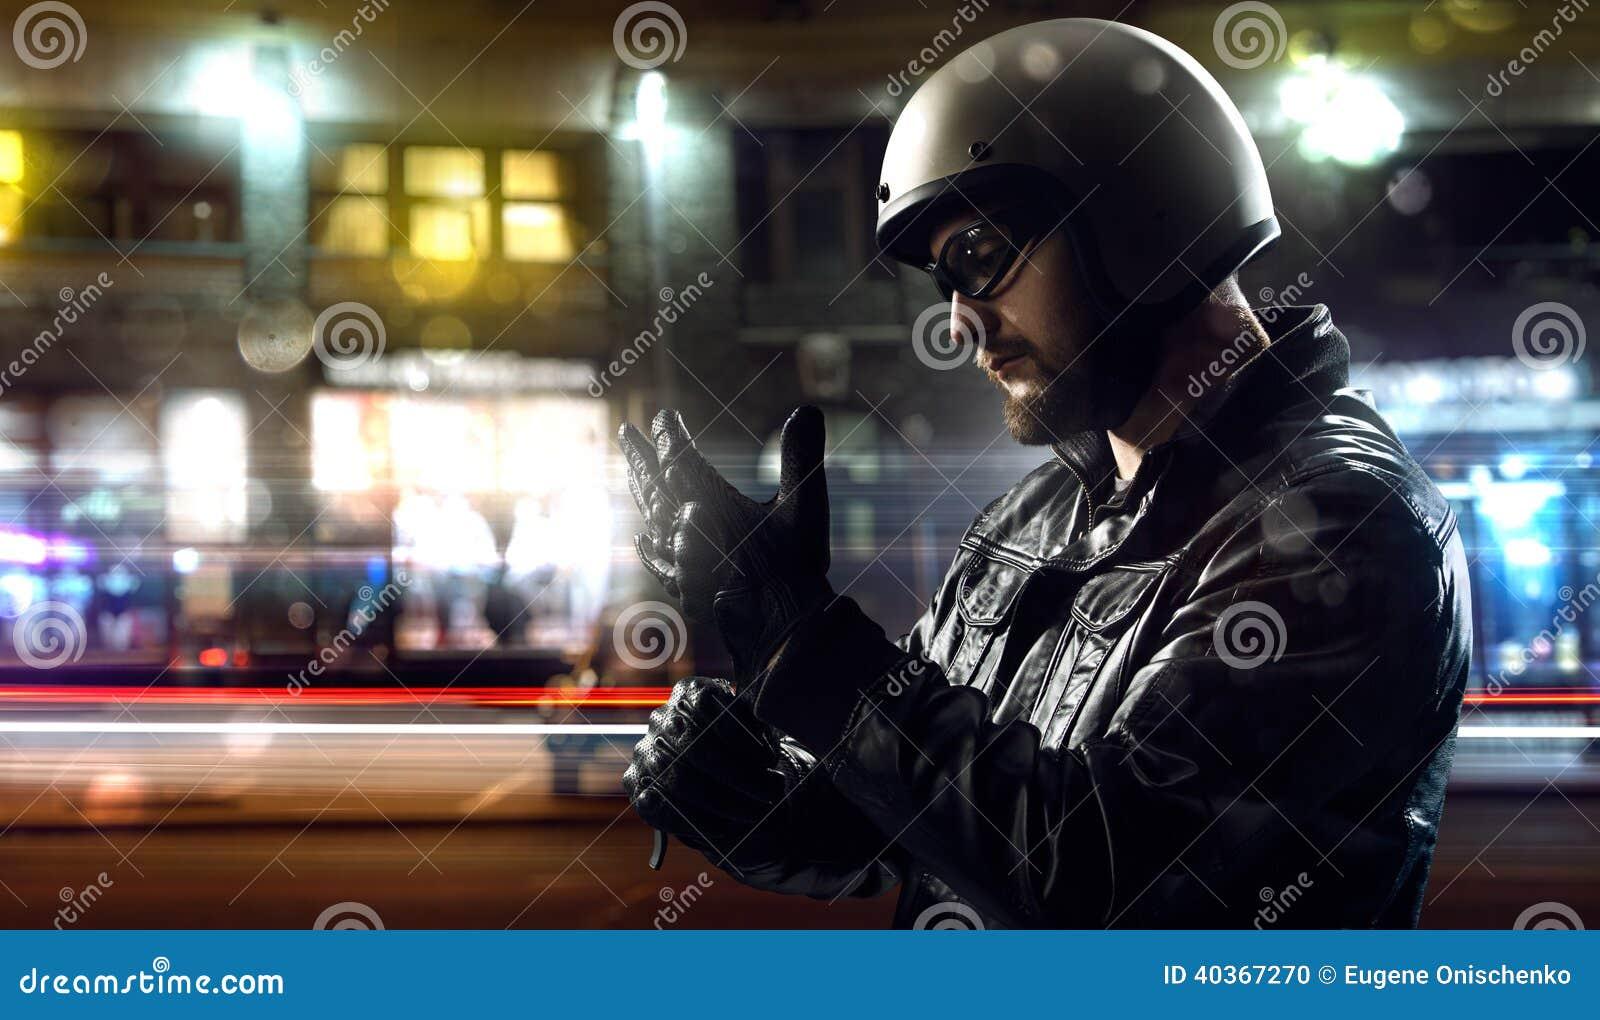 Rowerzysta w nocy mieście